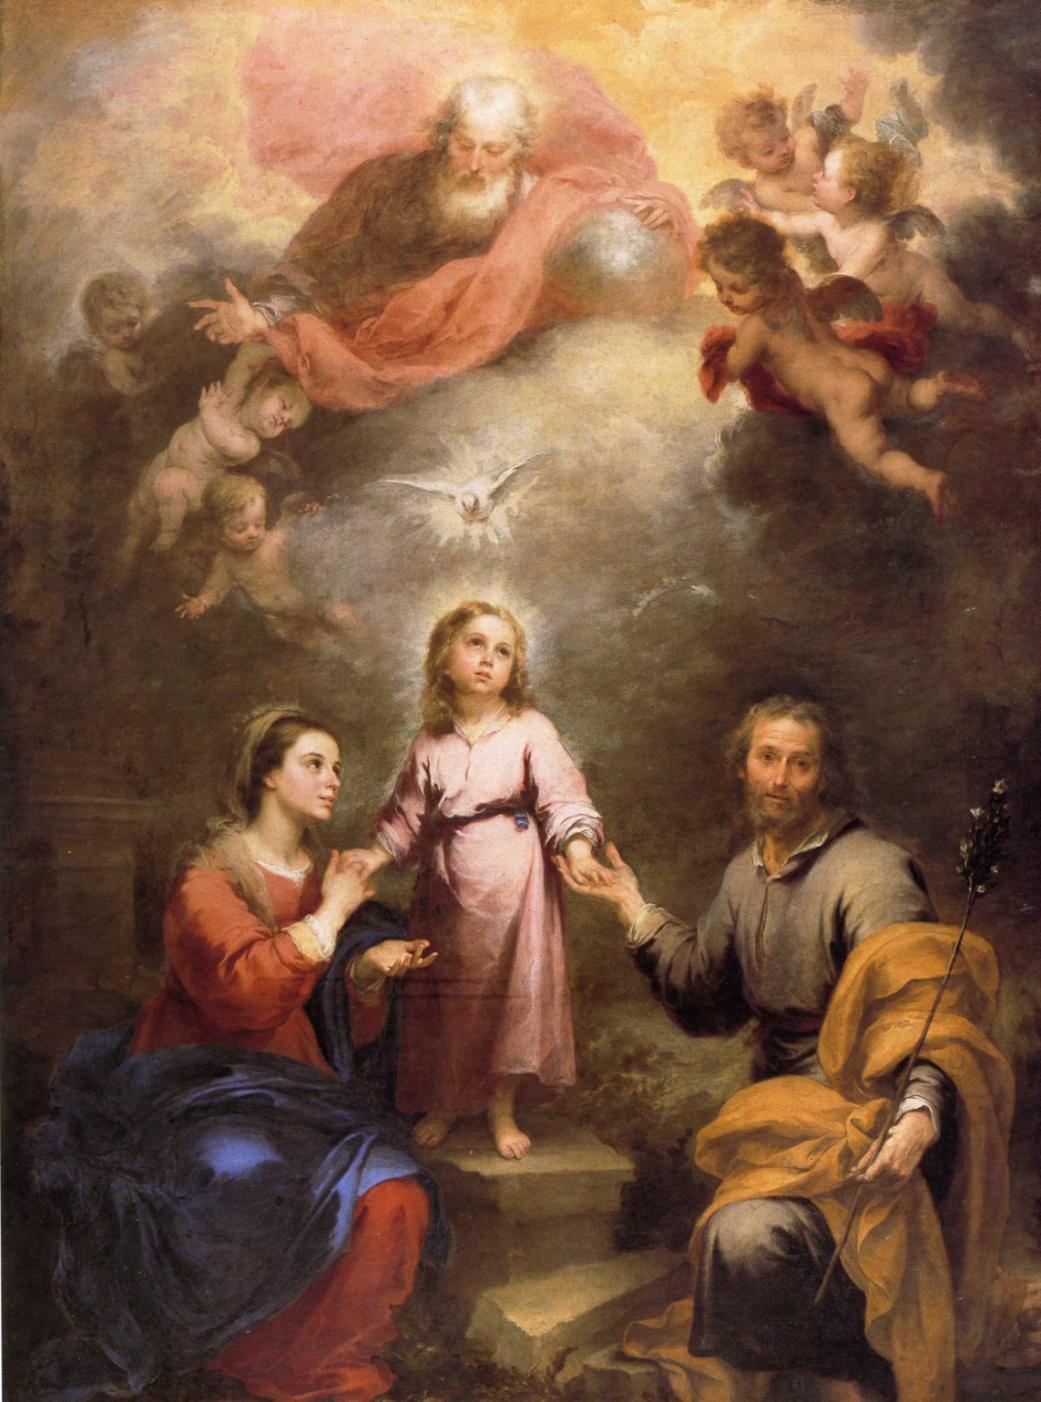 Družina kot zemeljska in nebeška stvarnost